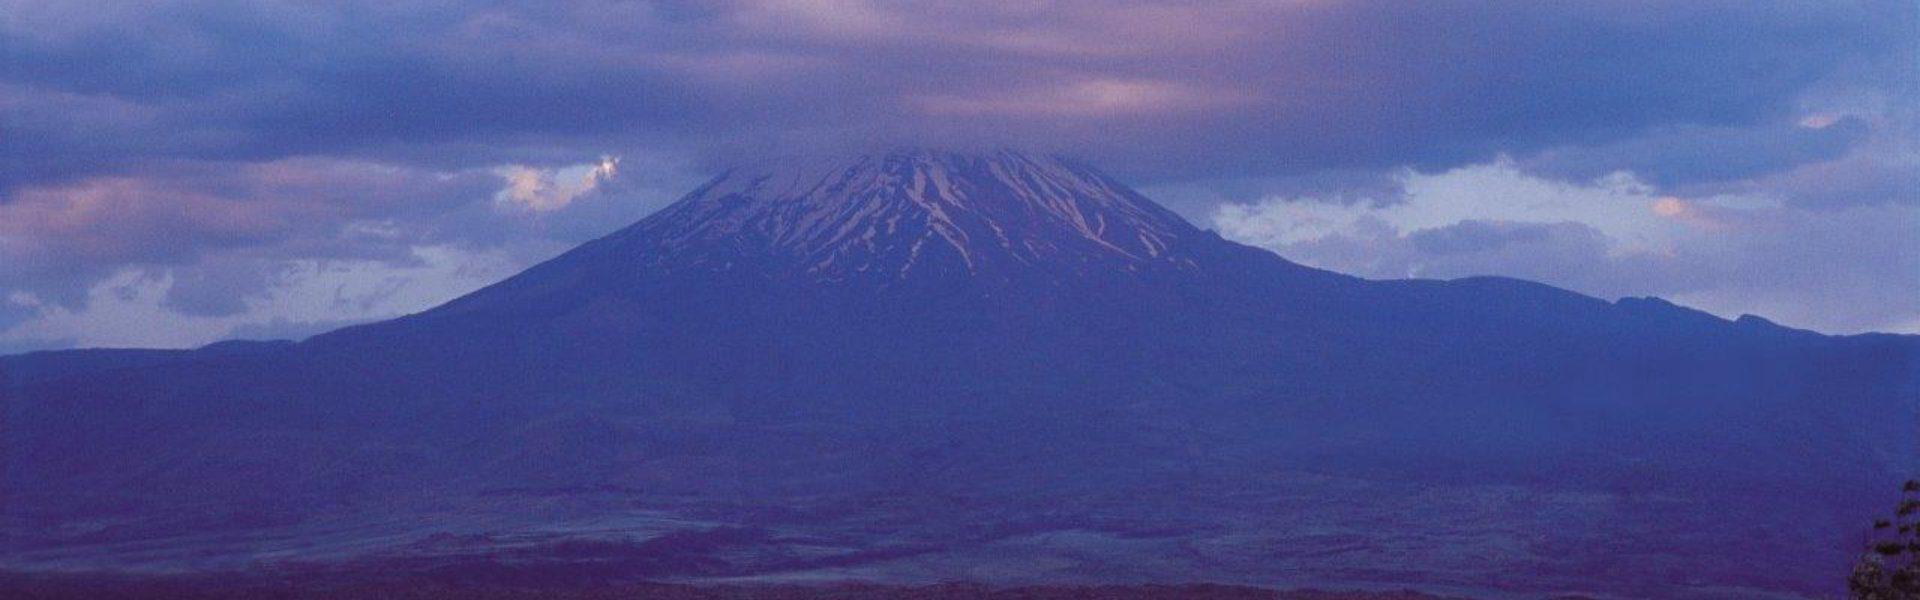 Agri Dagi - Monte Ararat 2-wide